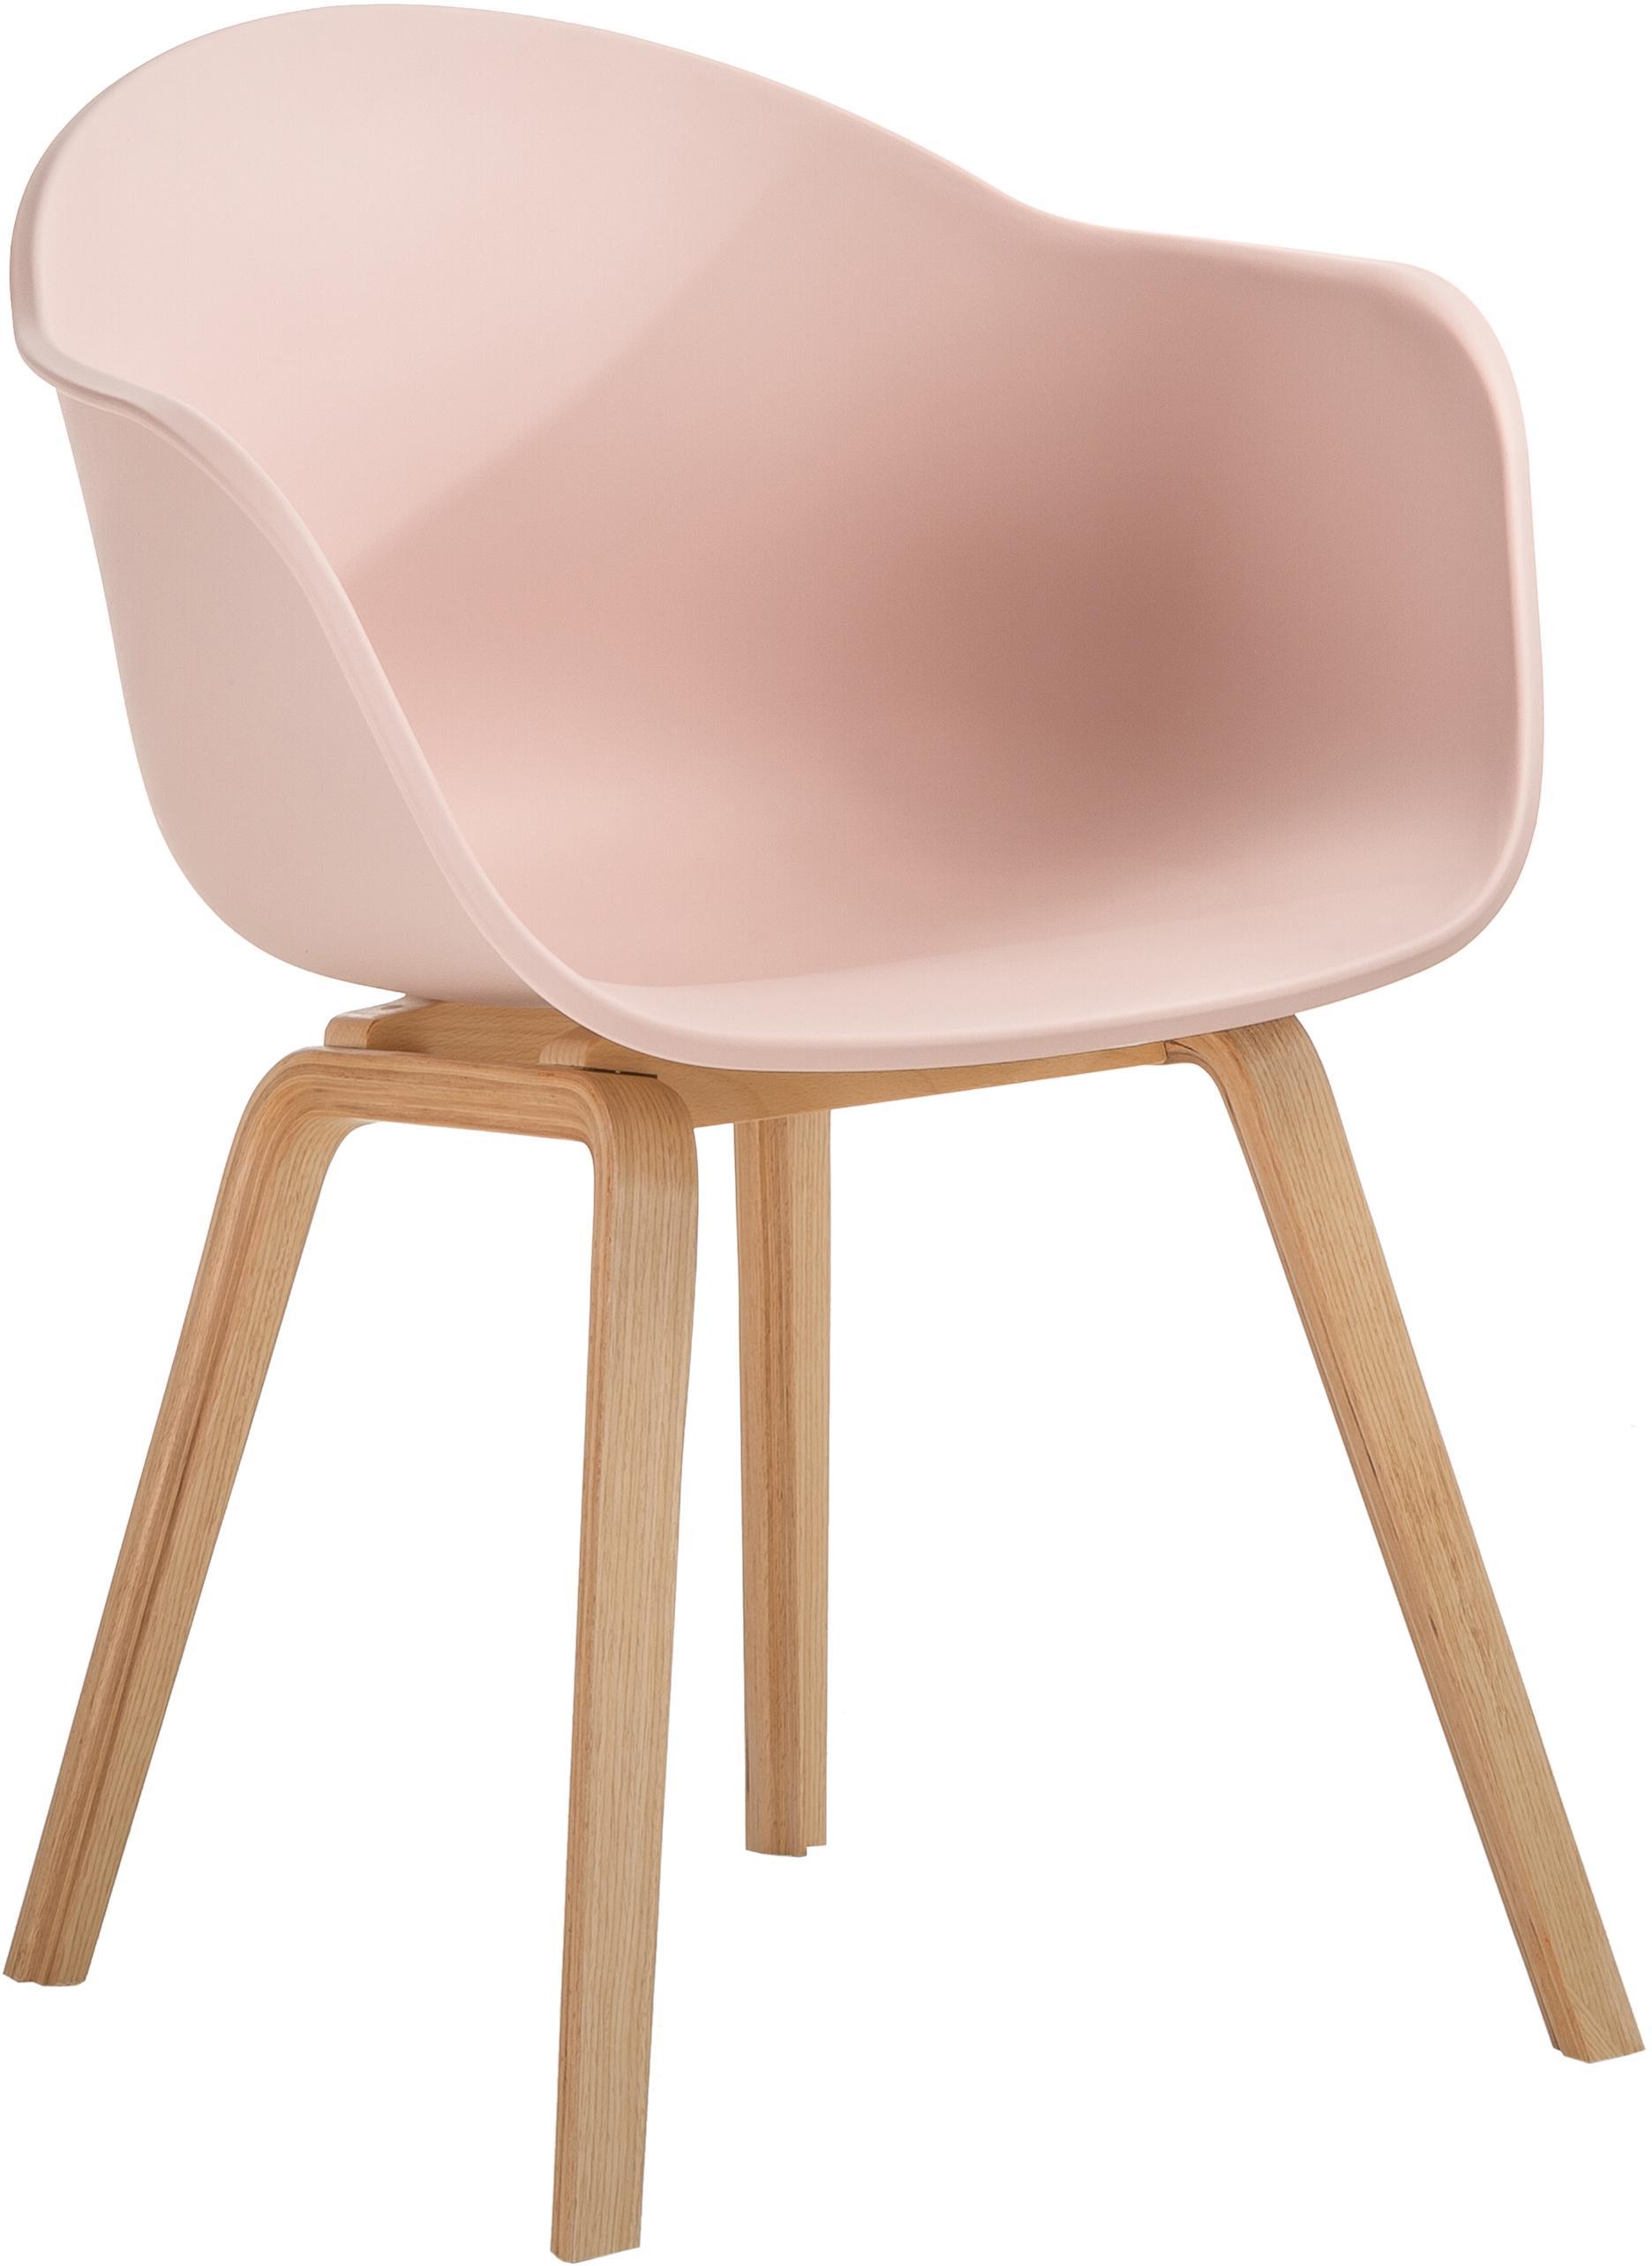 Kunststoffen armstoel Claire met houten poten, Zitvlak: kunststof, Poten: beukenhout, Zitvlak: roze. Poten: beukenhoutkleurig, B 61 x D 58 cm